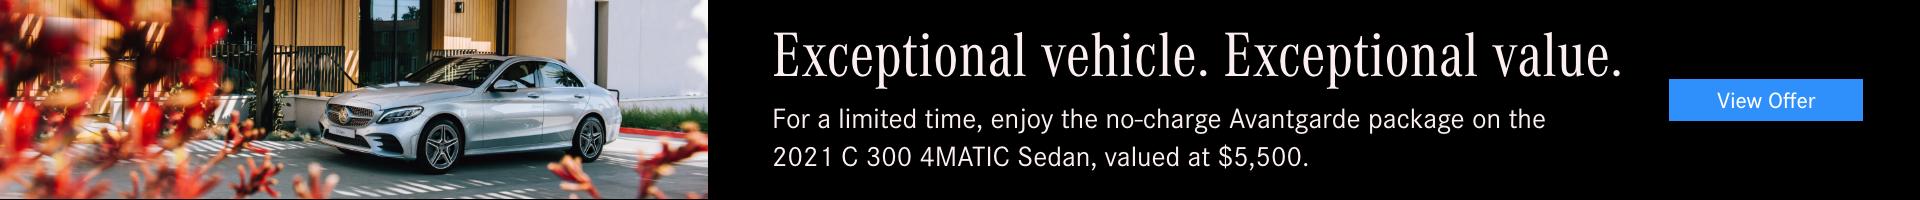 30MEPE-2021-07-NEW-VLP-1920_200